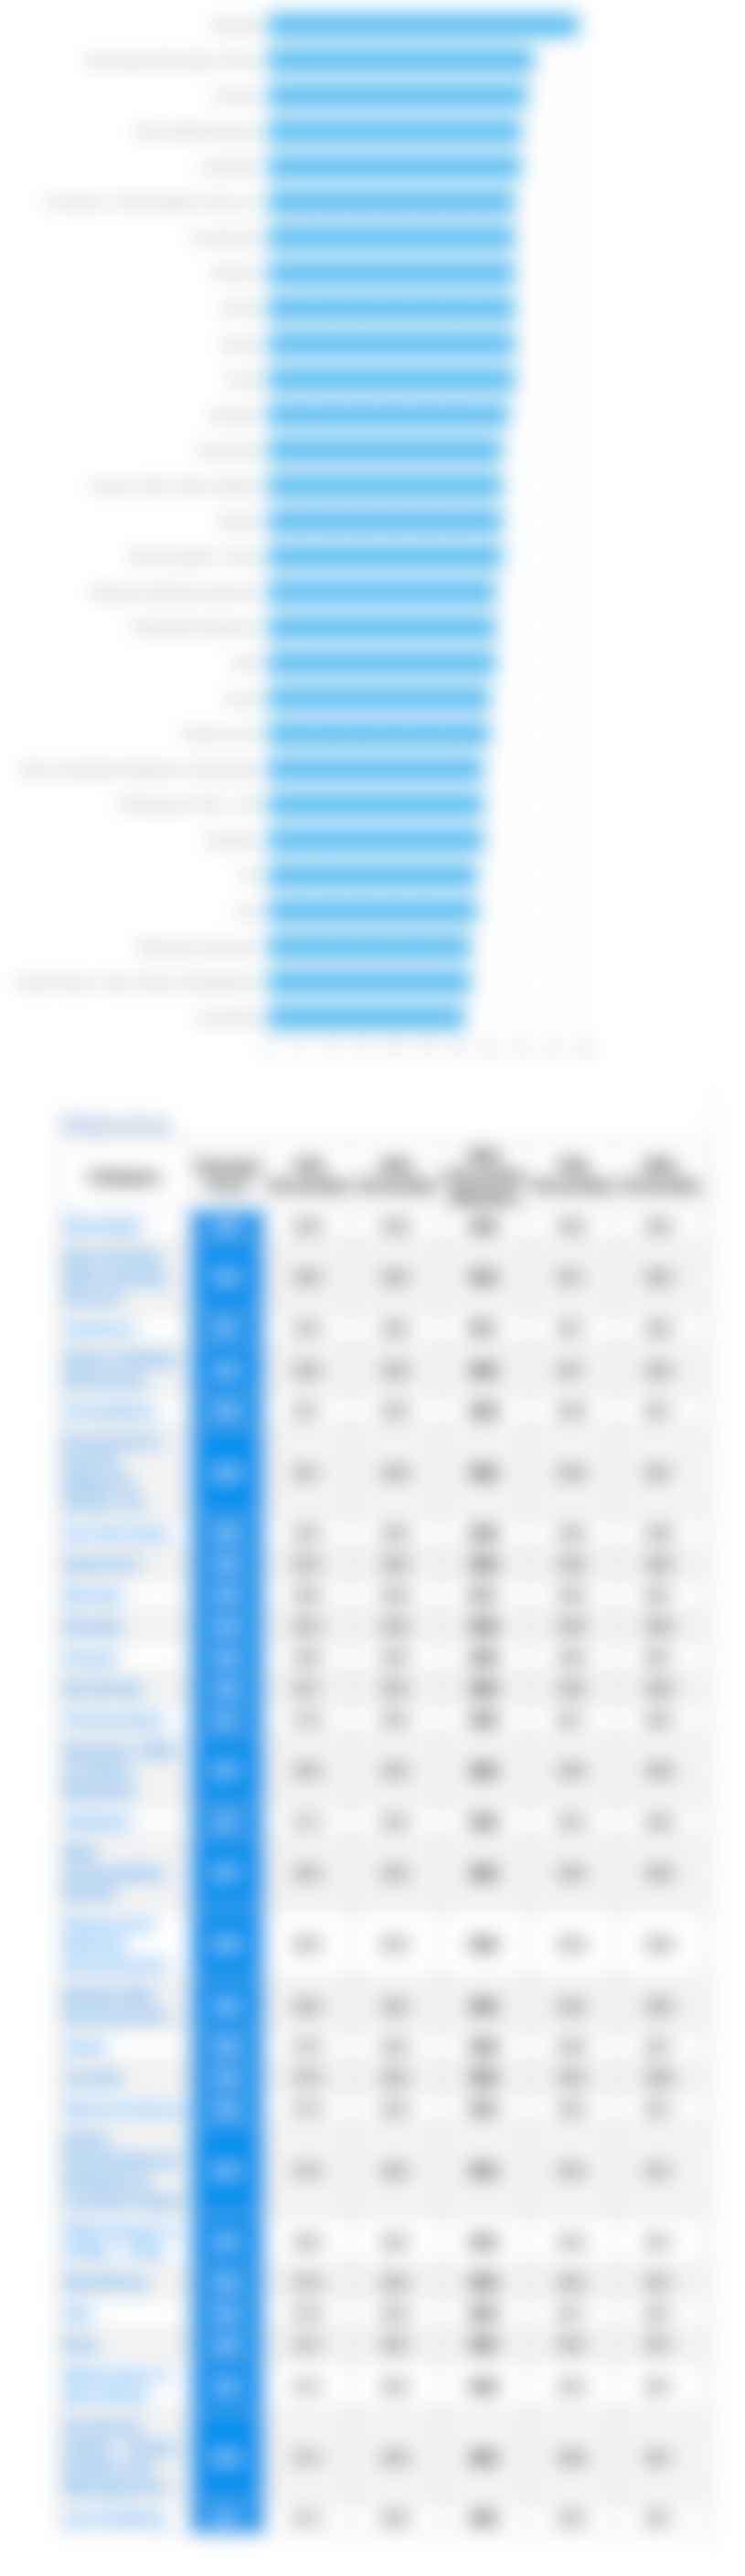 blur chart